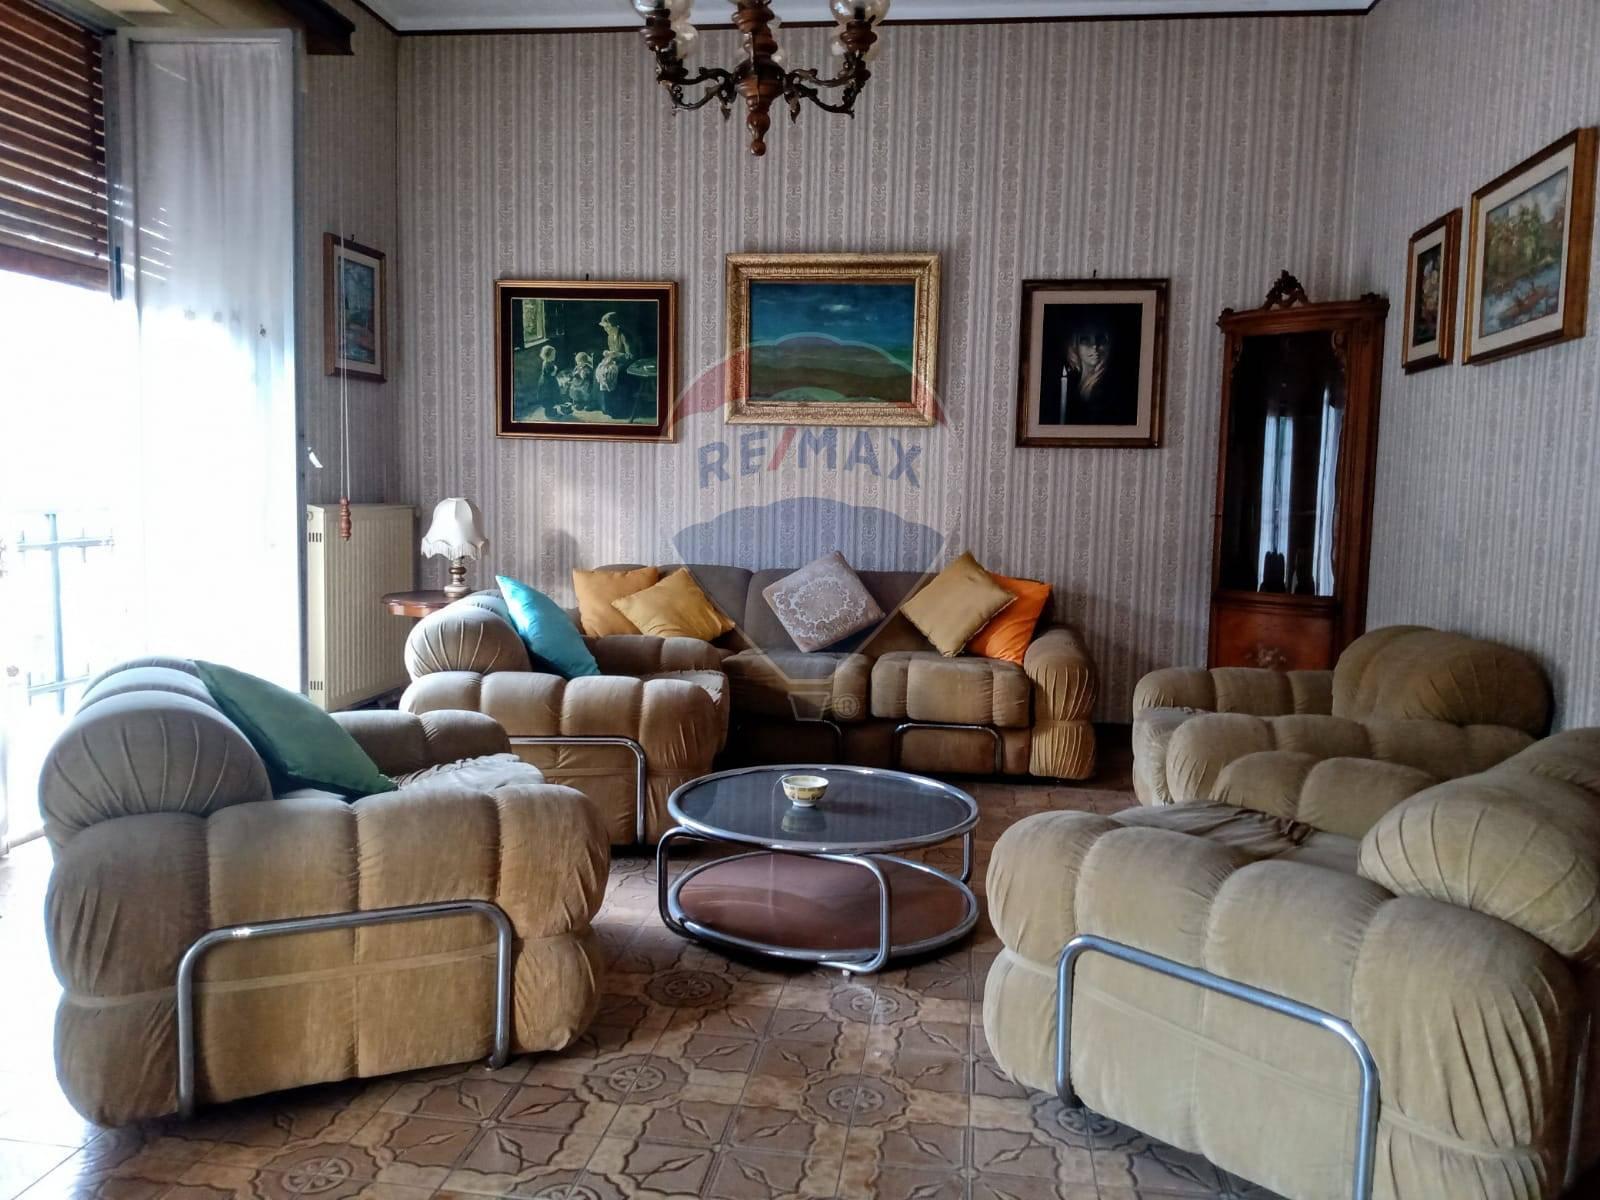 Appartamento in vendita a Modica, 7 locali, zona Località: ModicaBassa, prezzo € 54.000   CambioCasa.it